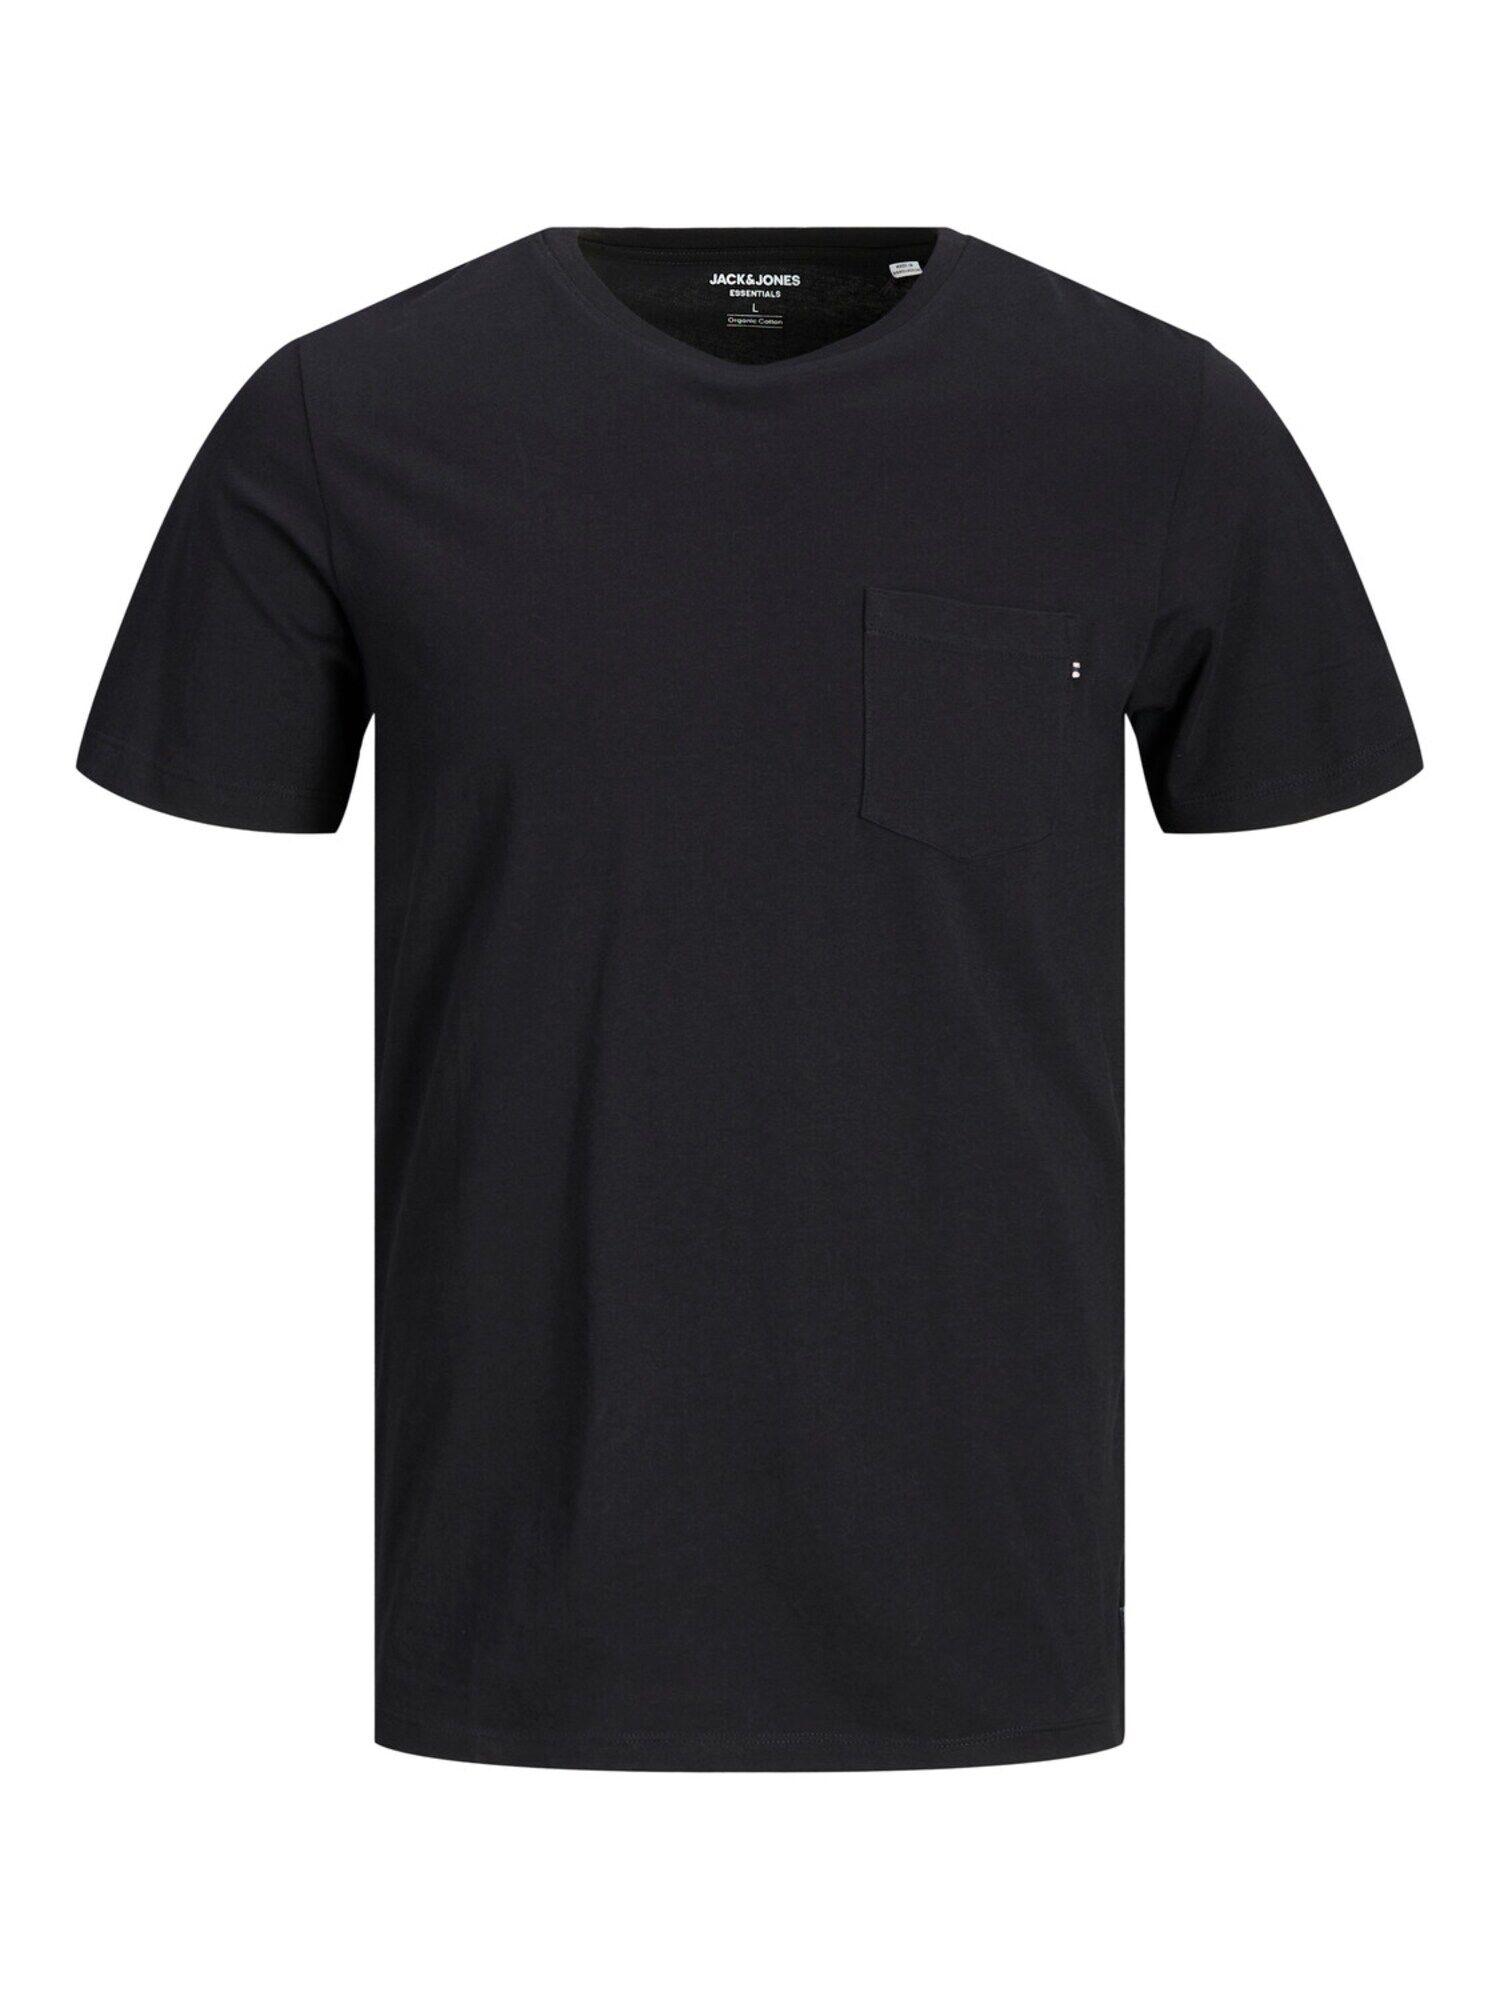 JACK & JONES T-Shirt  - Noir - Taille: S - male